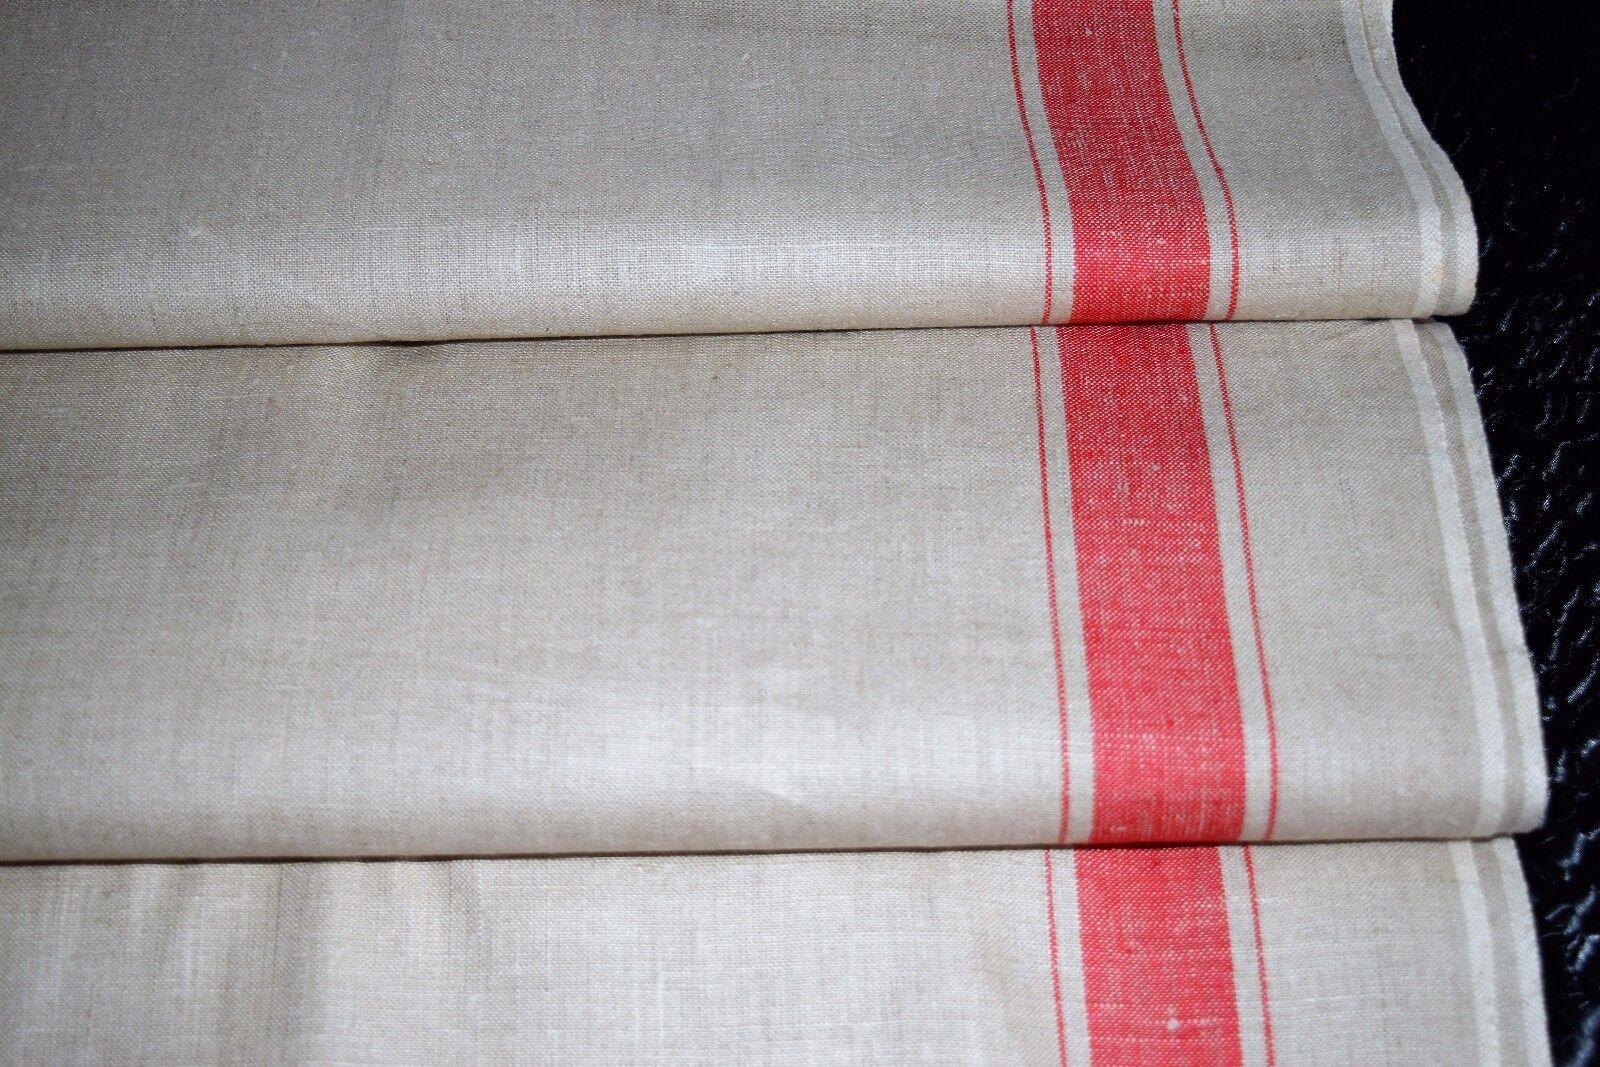 2-17 Leinen neuwertig** ** Altes Mangeltuch//Rolltuch längs rote Streifen